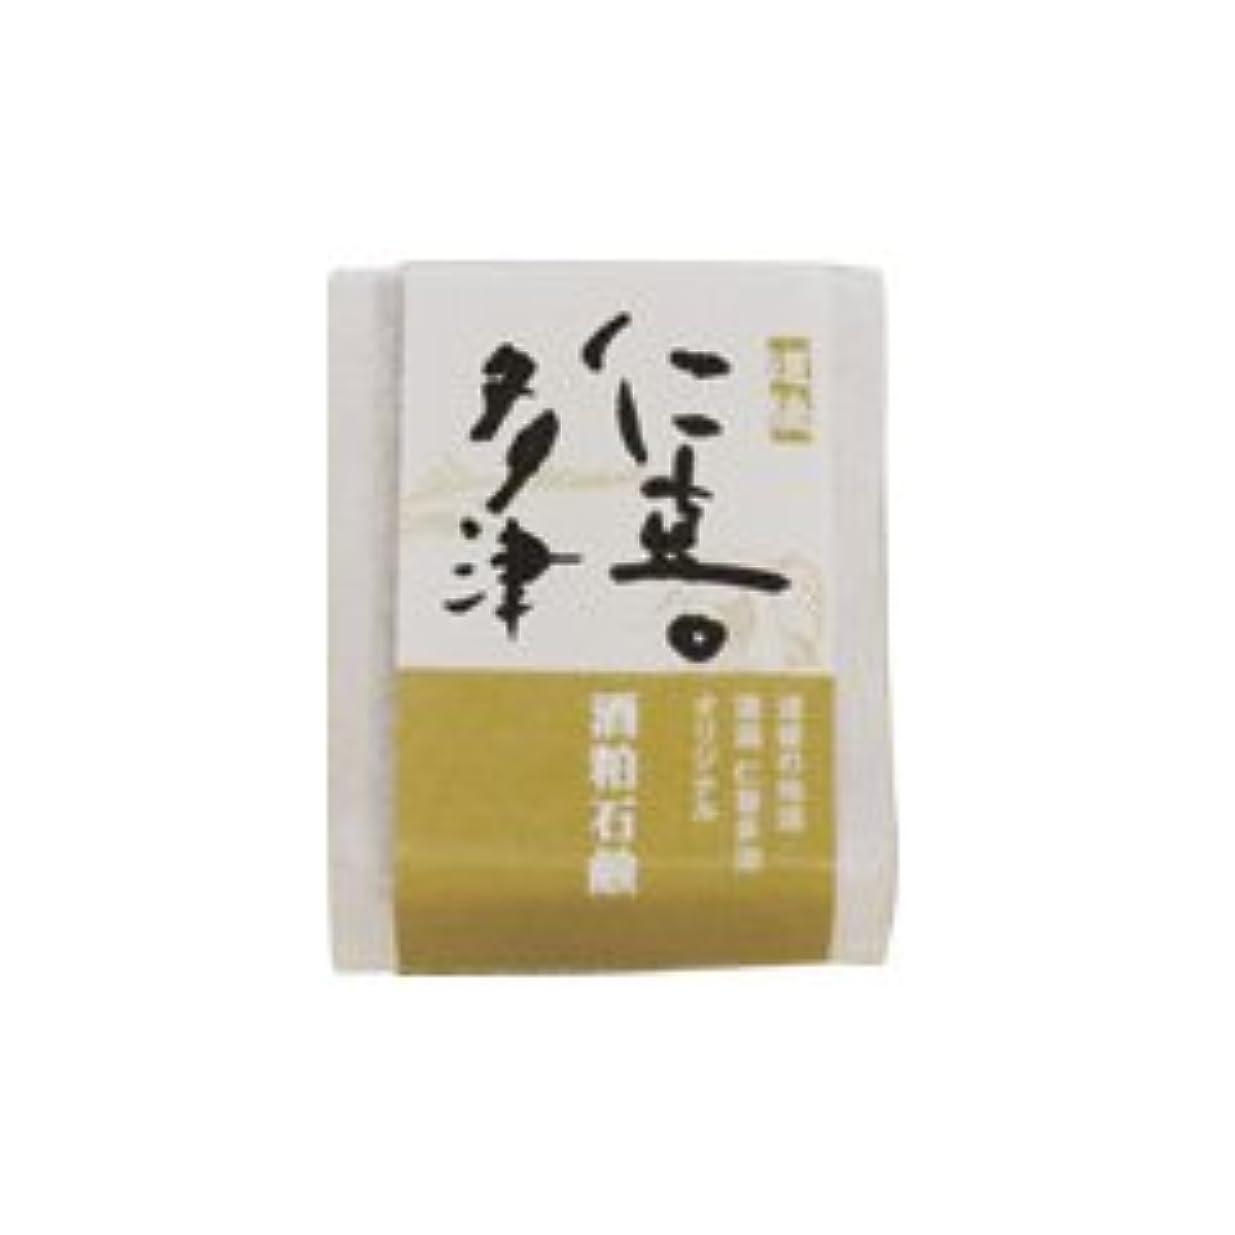 品揃え横にバランス仁喜多津 オリジナル 酒粕石鹸 60g